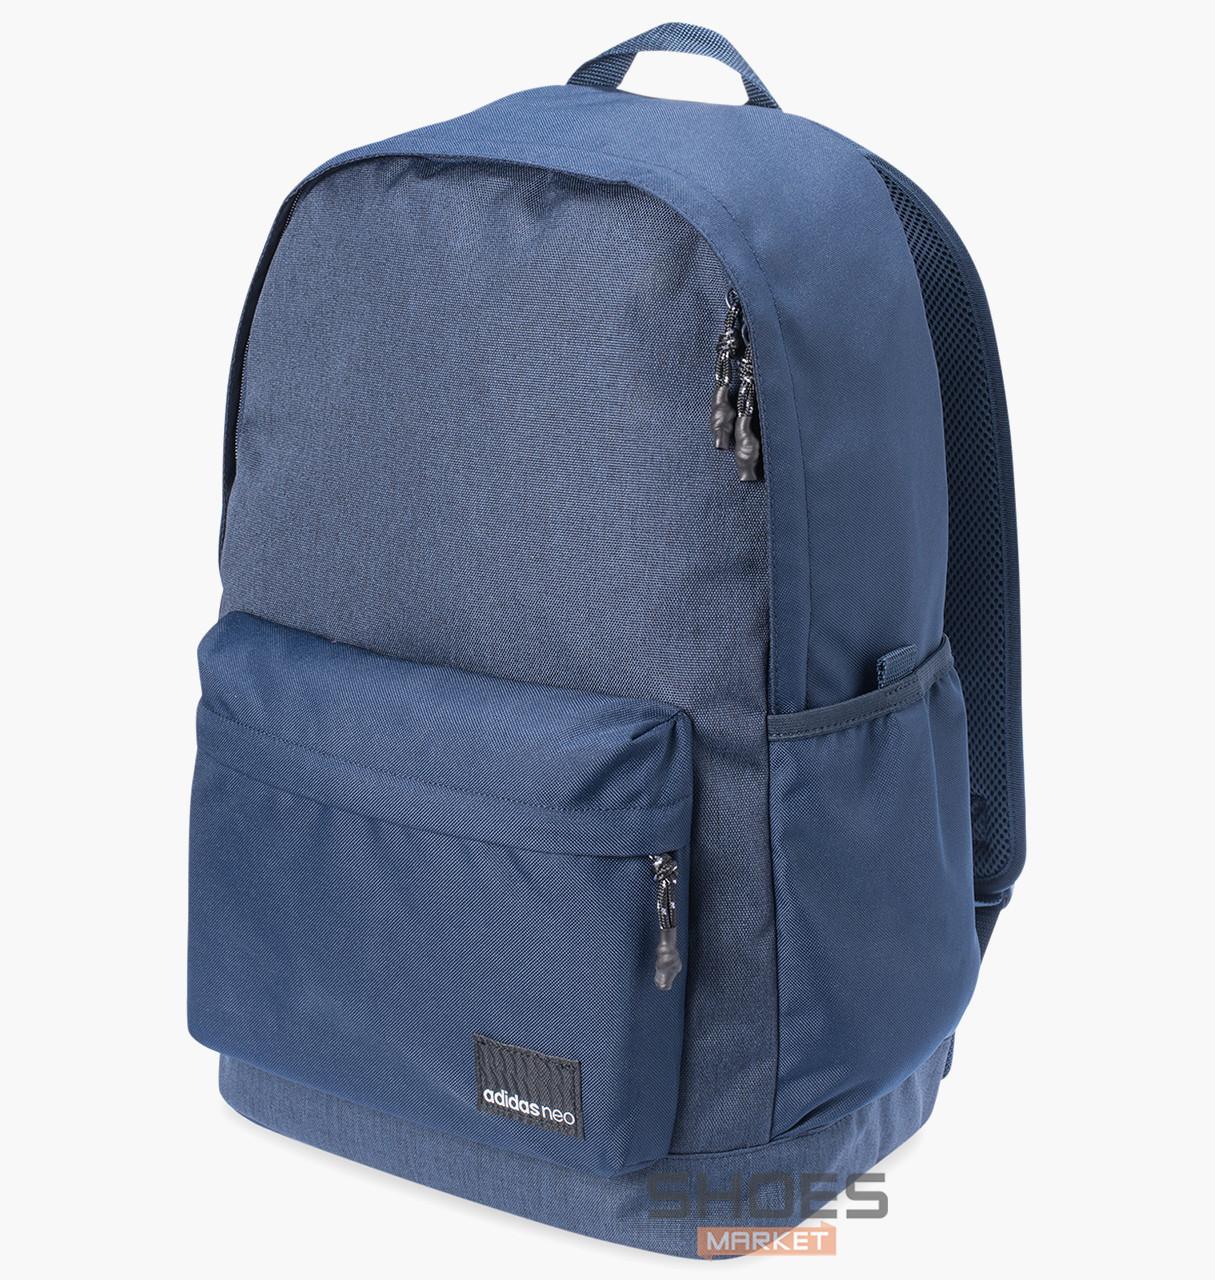 Рюкзак Adidas Backpack Daily XL CD9761, оригинал